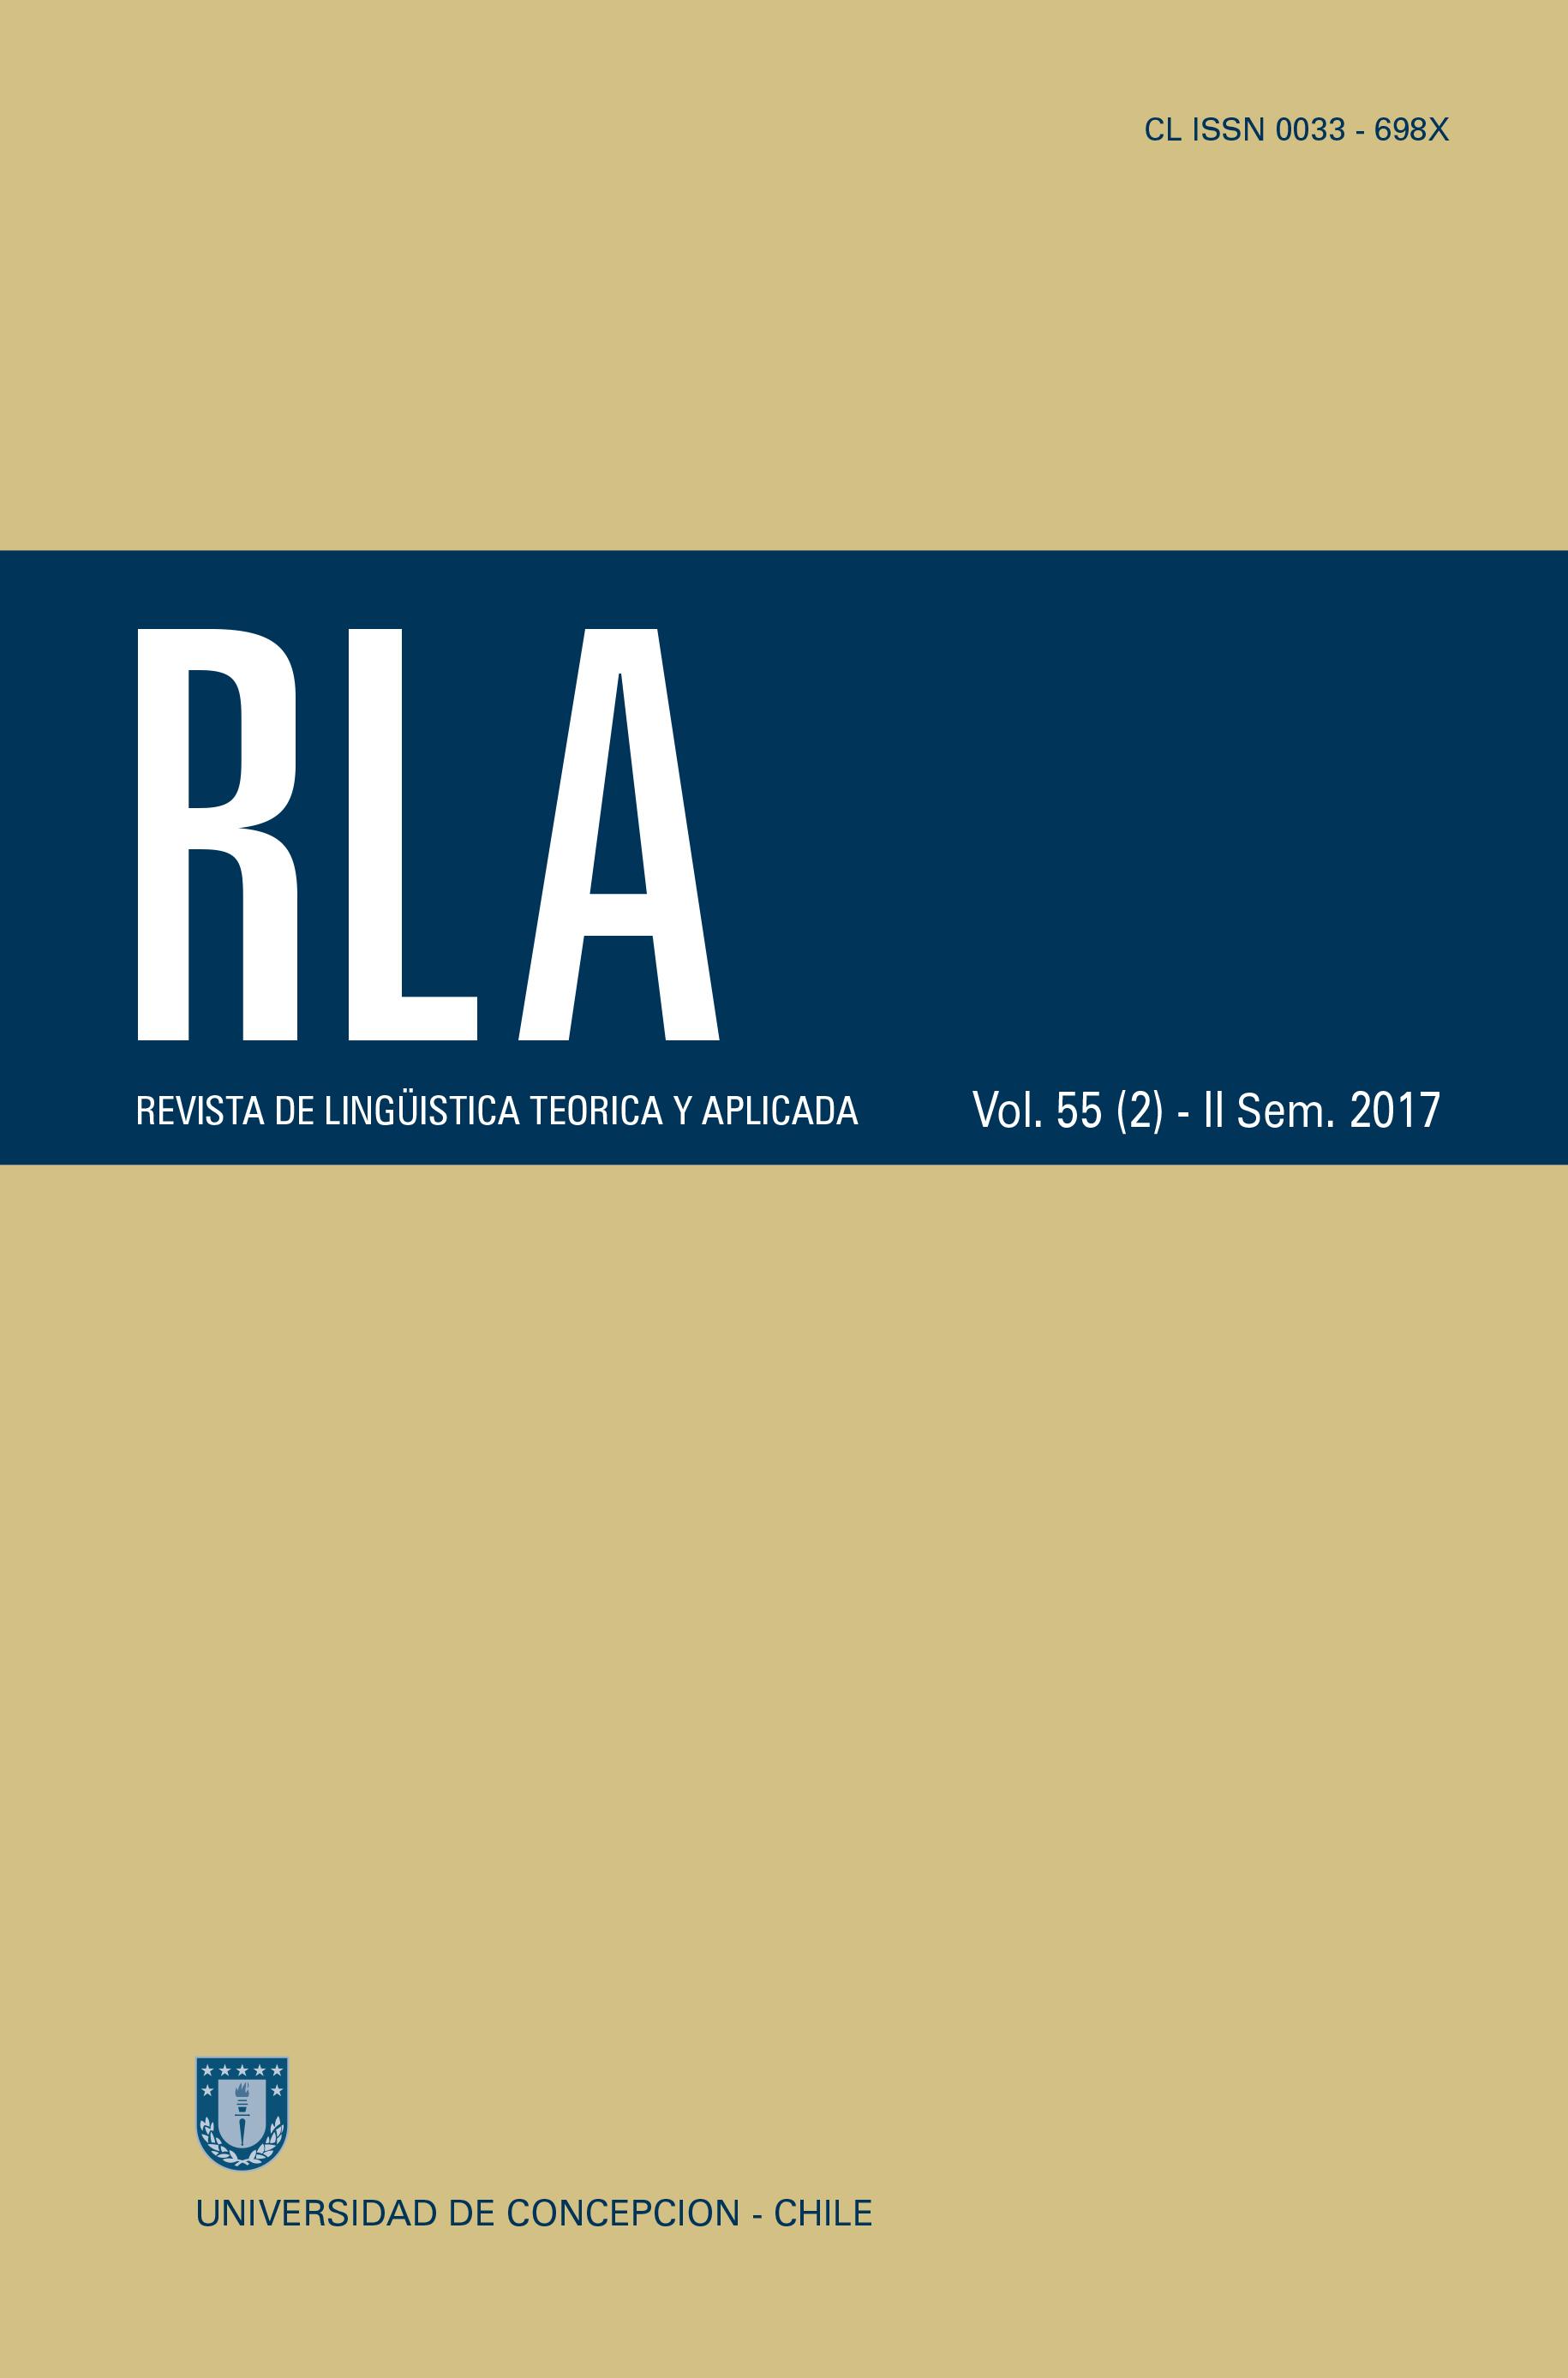 Revista de Linguística Teórica y Aplicada Vol. 56 N°2 (2017)